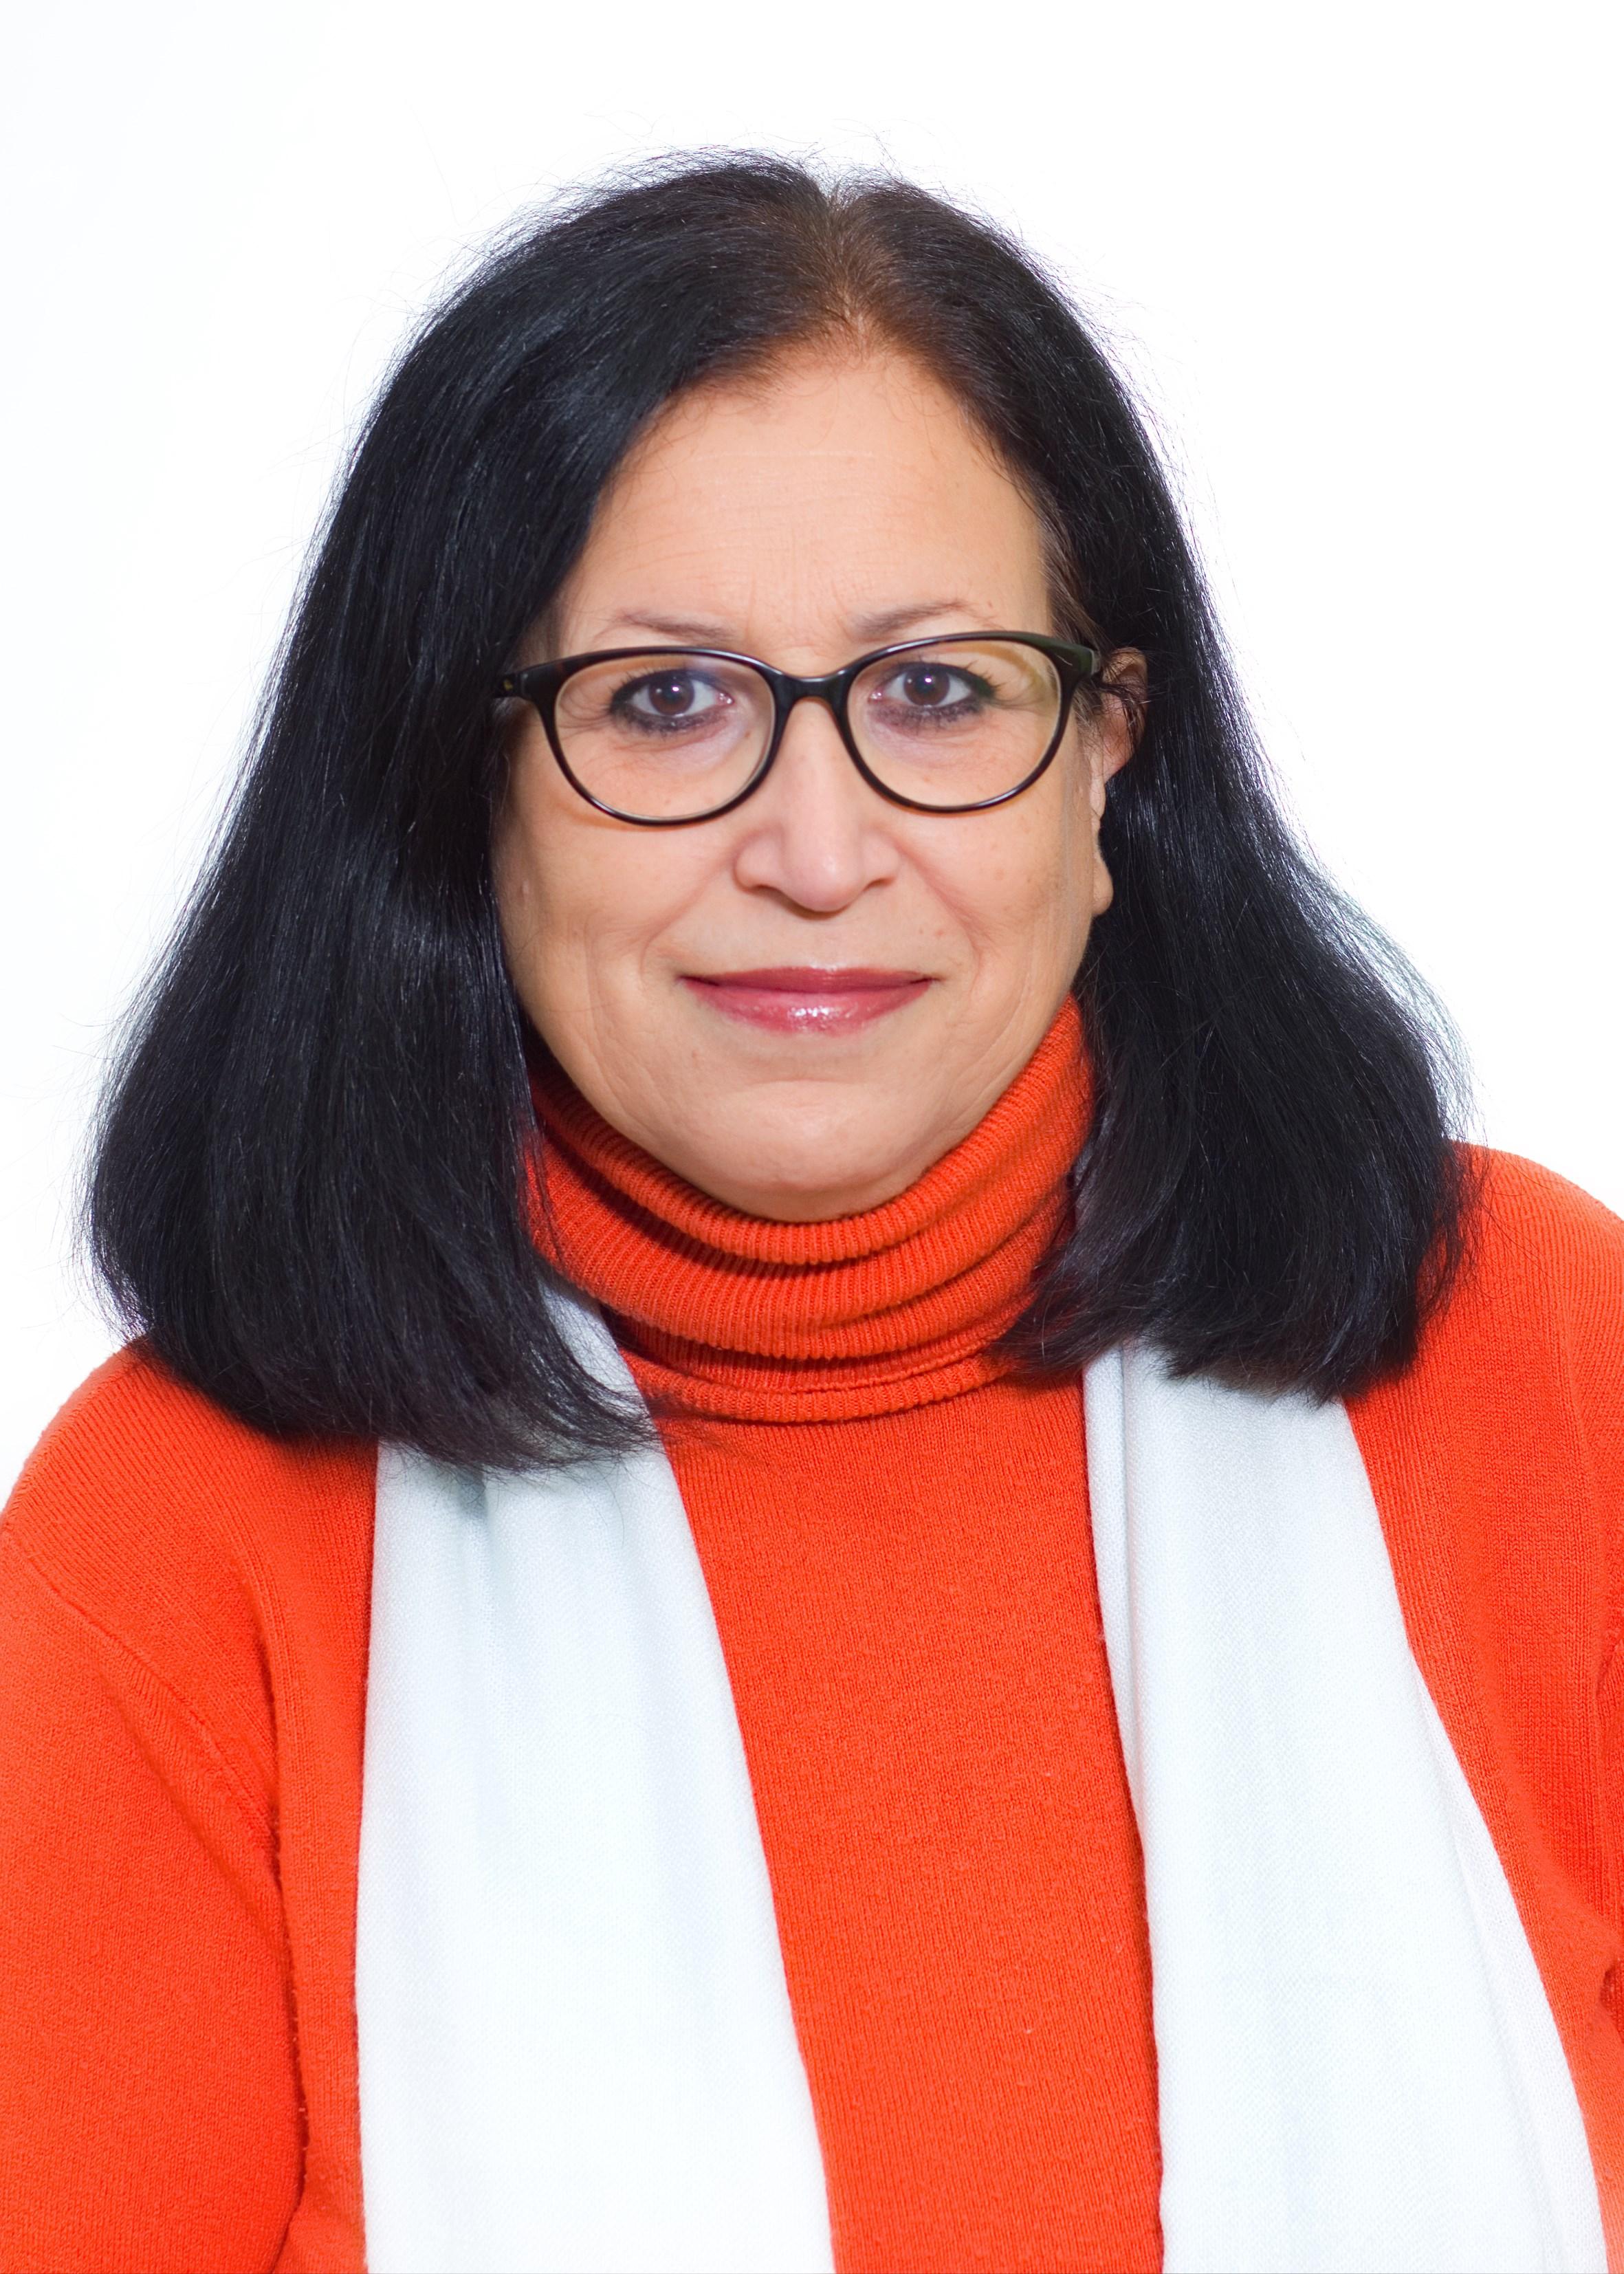 Rosa María Martín Revuelta